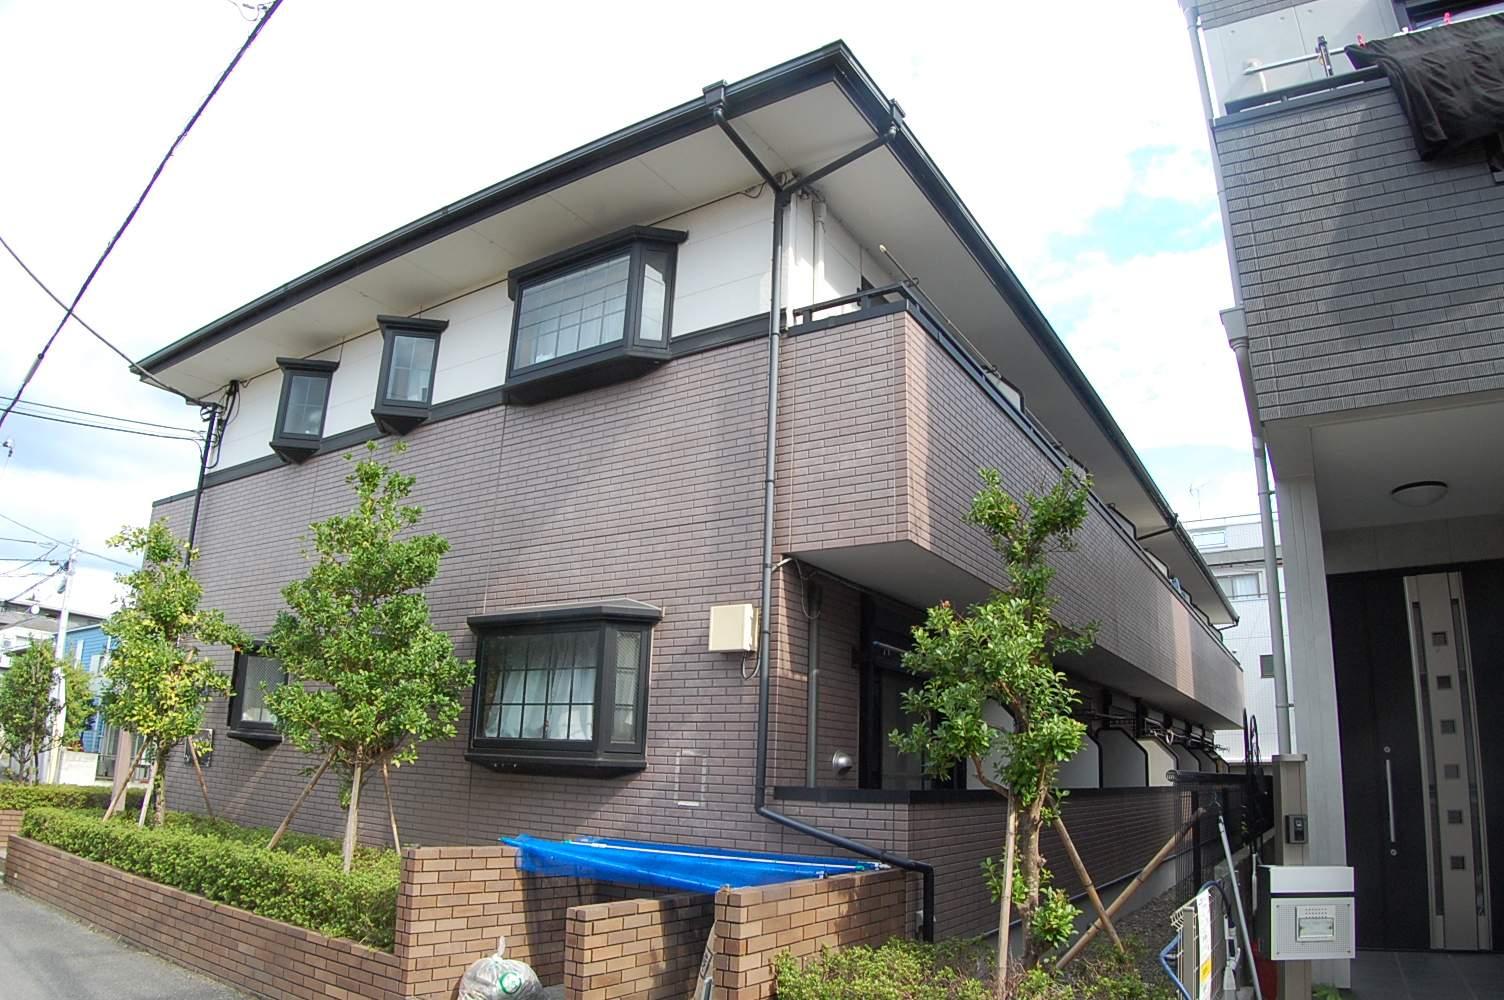 千葉県船橋市、下総中山駅徒歩9分の築14年 2階建の賃貸アパート